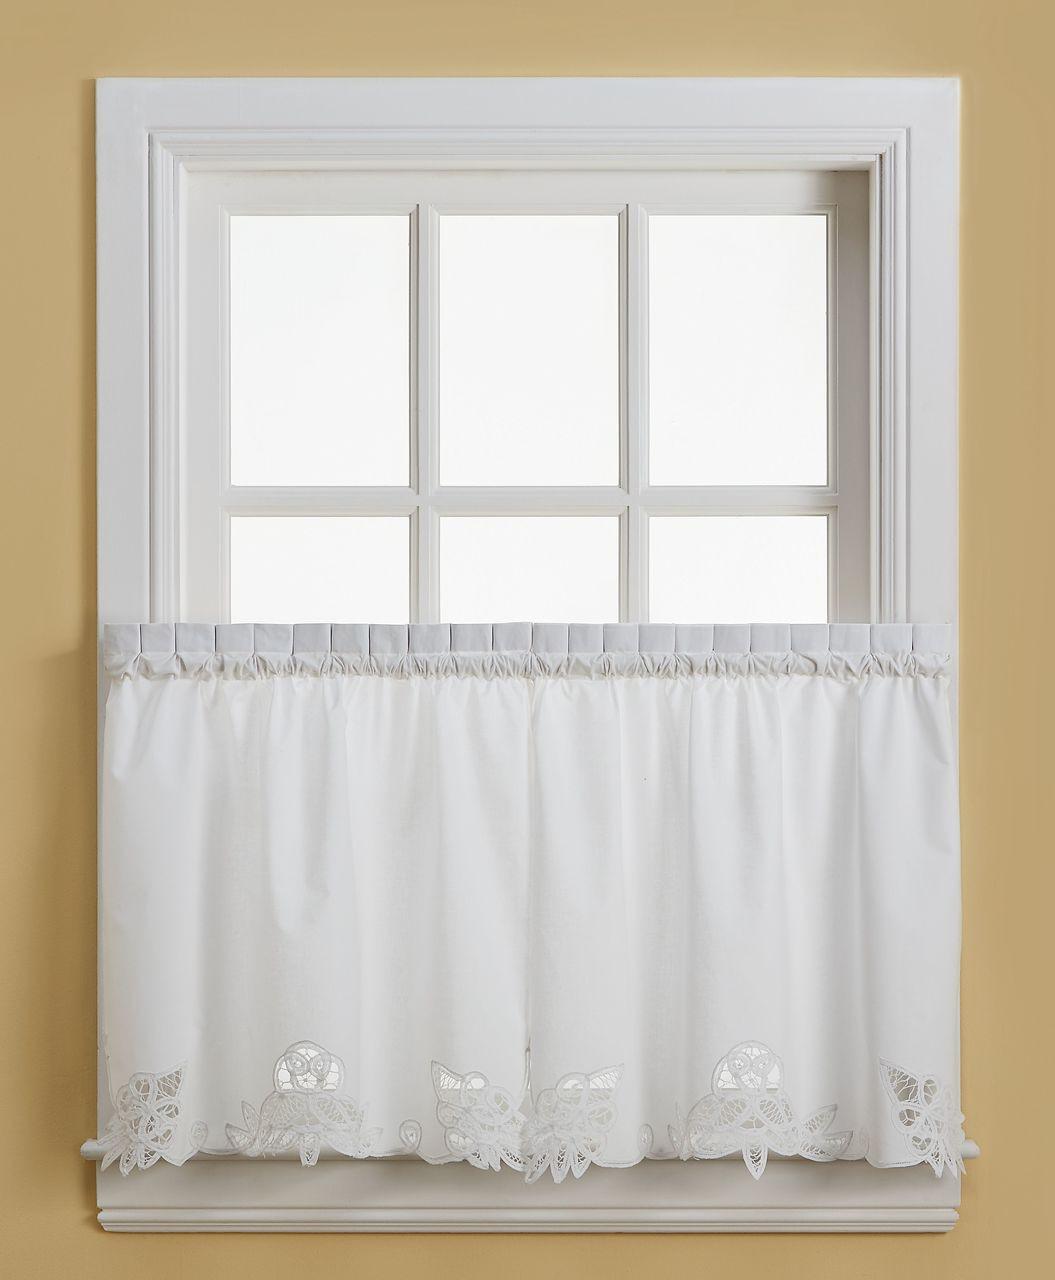 White Cotton Tiered Curtains Vintage Battenburg Kitchen Curtain Valance Swag Tier White